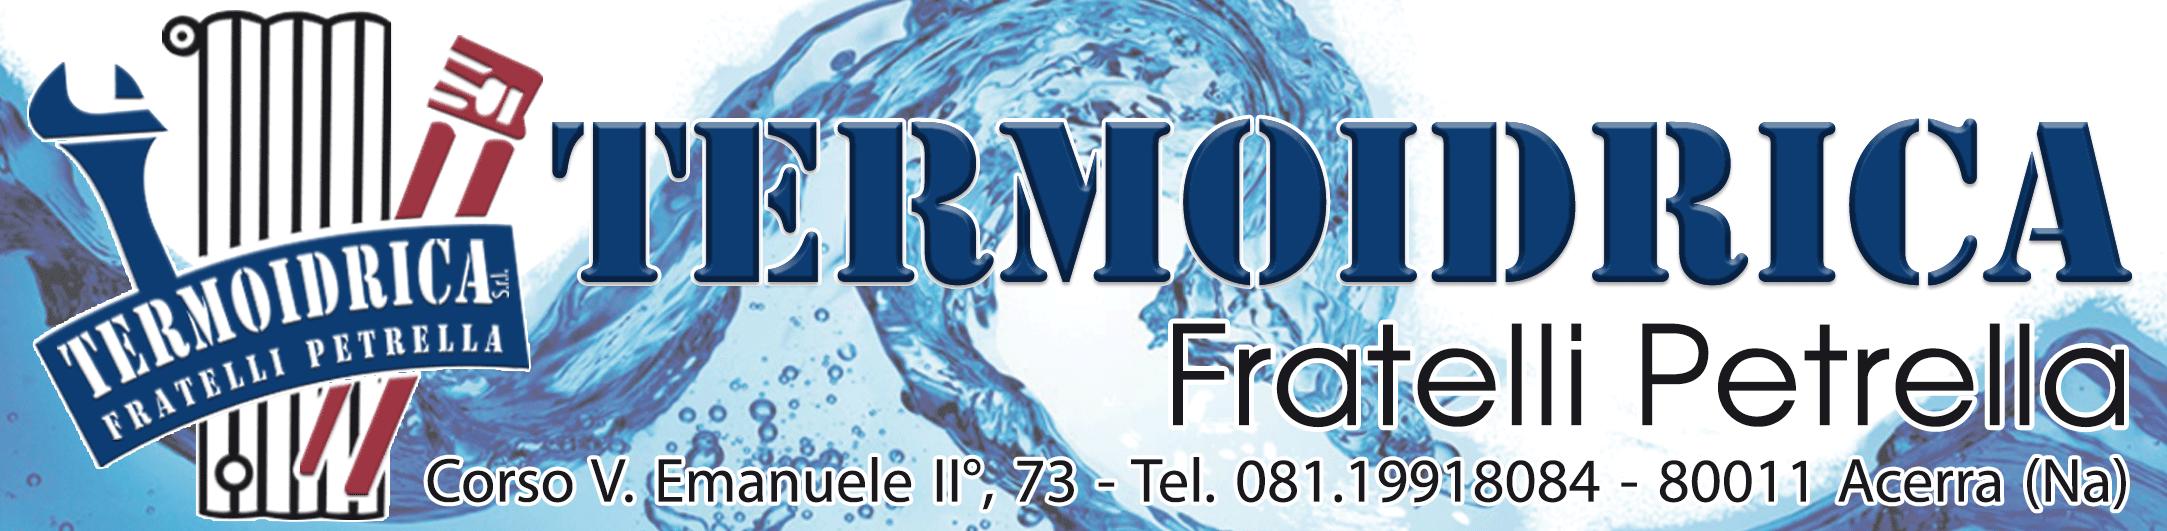 www.Termoidricasrl.it - Trattamento acque - Impianti Termo-idrici, per gpl e gas metano, Antincendio, autoclavi, solare termico, Montaggio e assistenza caldaie